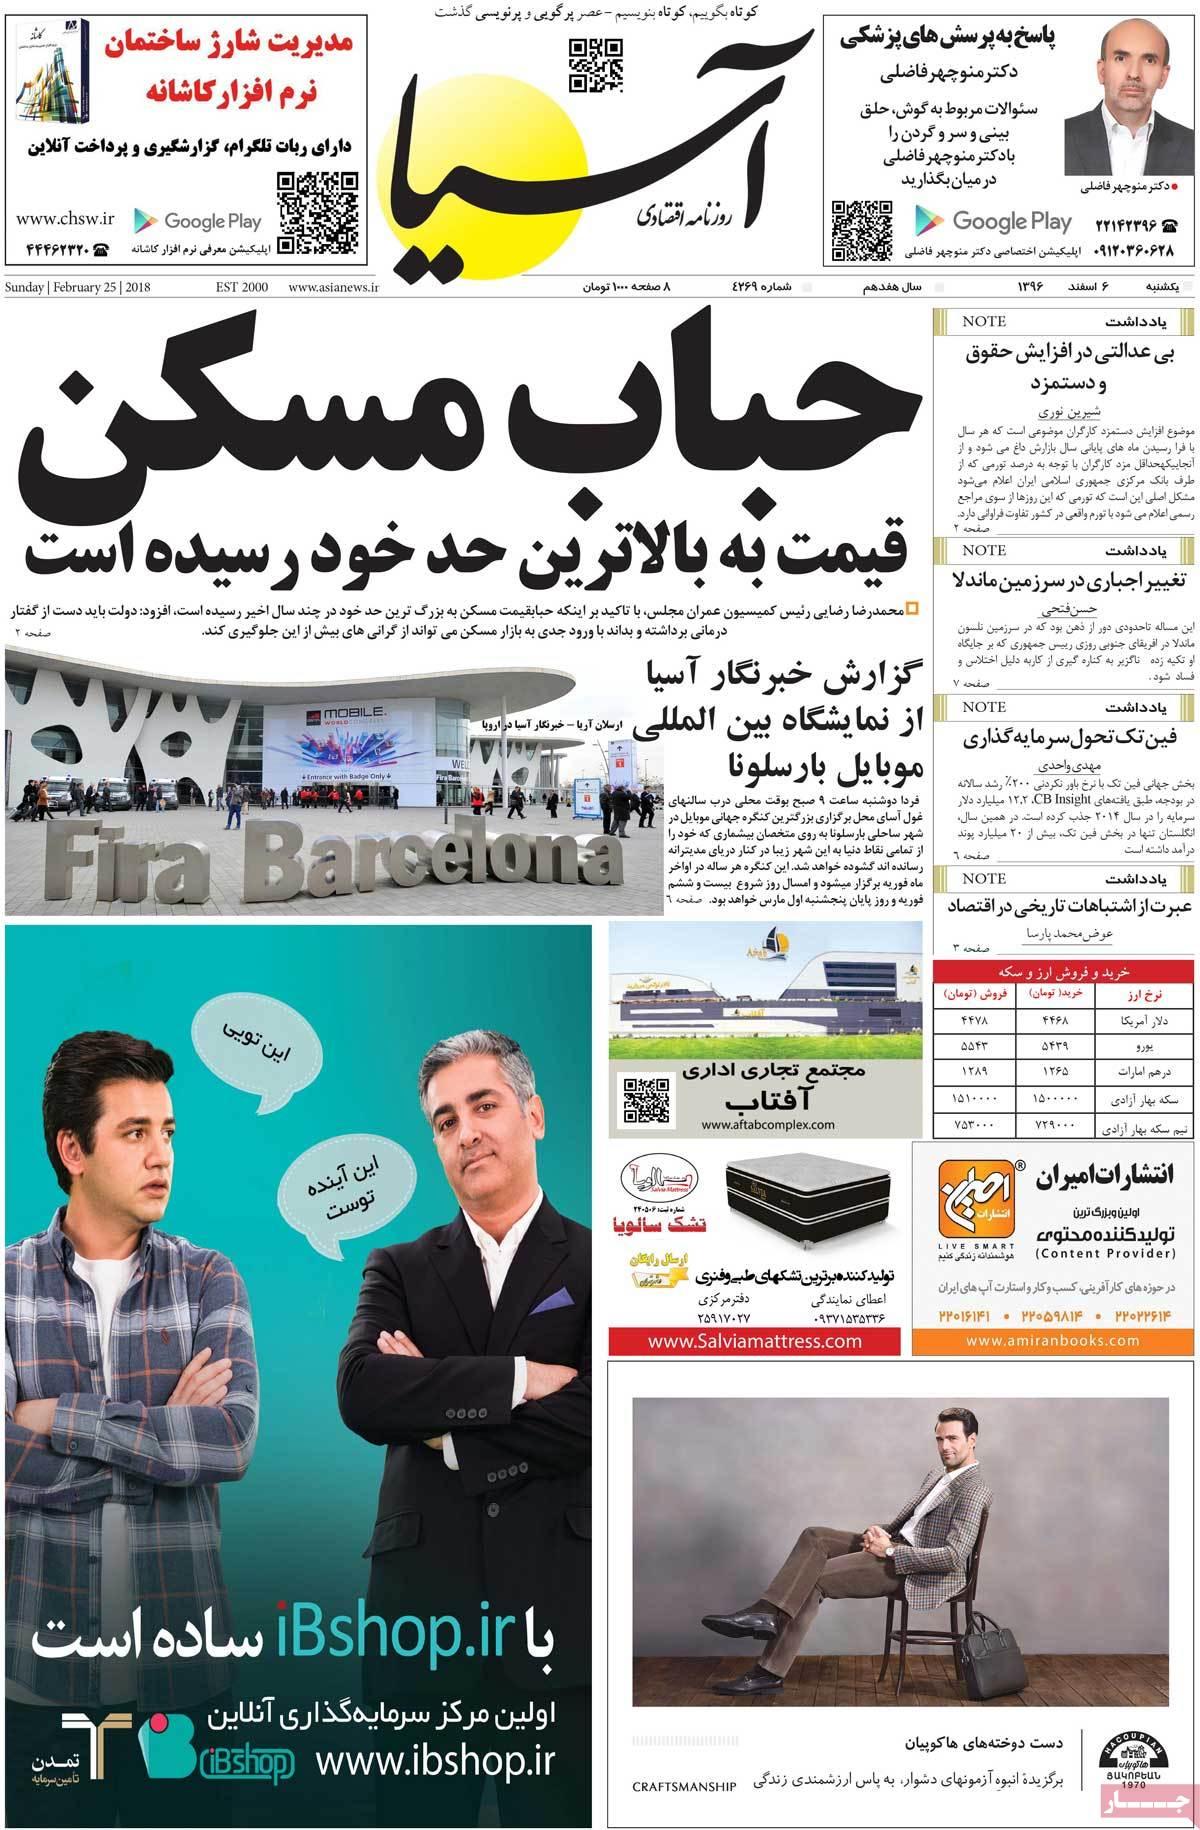 سردترین استان ایران به ترتیب صبح میمه » یکشنبه ۶ اسفند ۱۳۹۶ / Sunday, 25 February, 2018